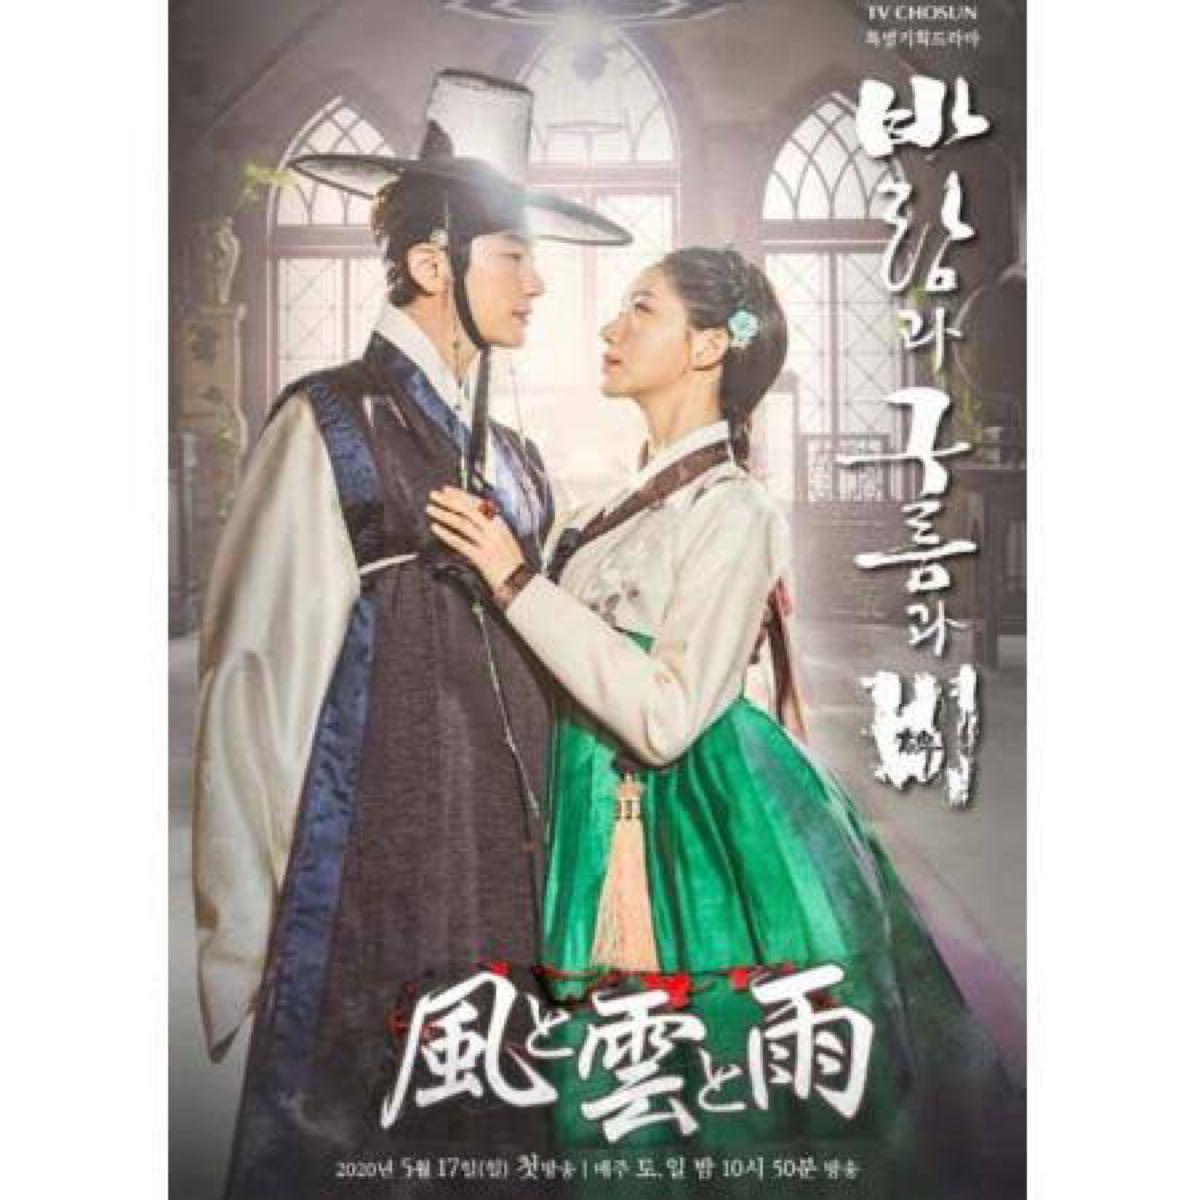 韓国ドラマ 風と雲と雨 DVD『レーベル印刷有り』全話